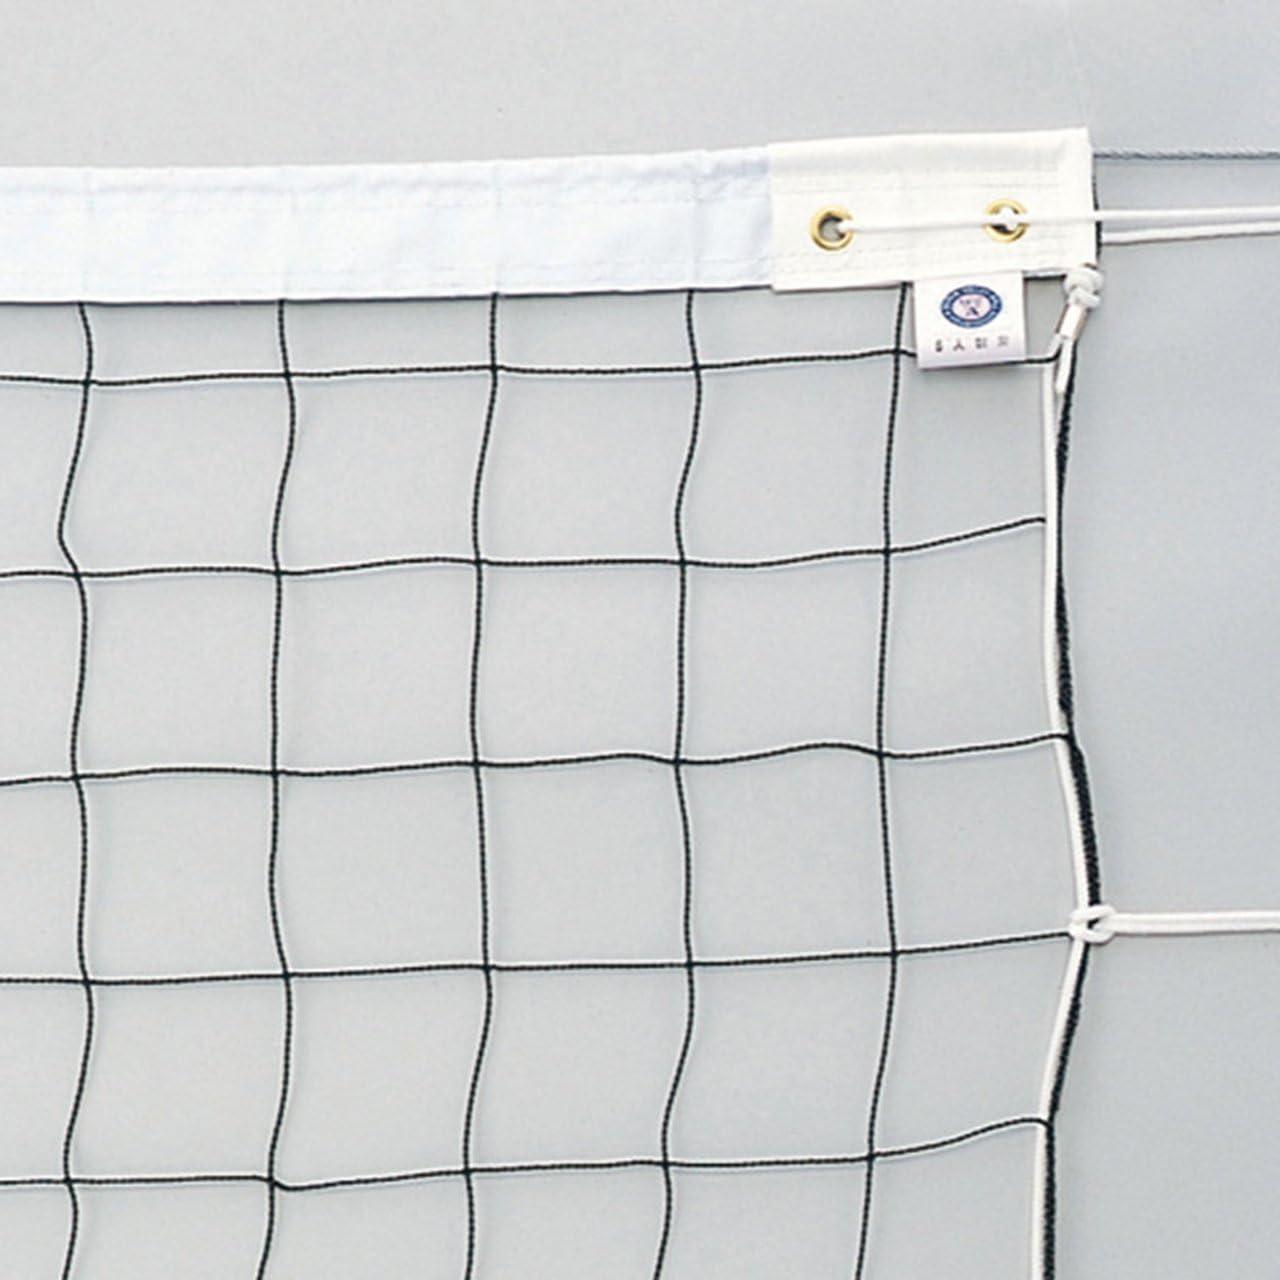 エバニュー(EVERNEW) 6人制バレーボールネット検定V113 EKU106